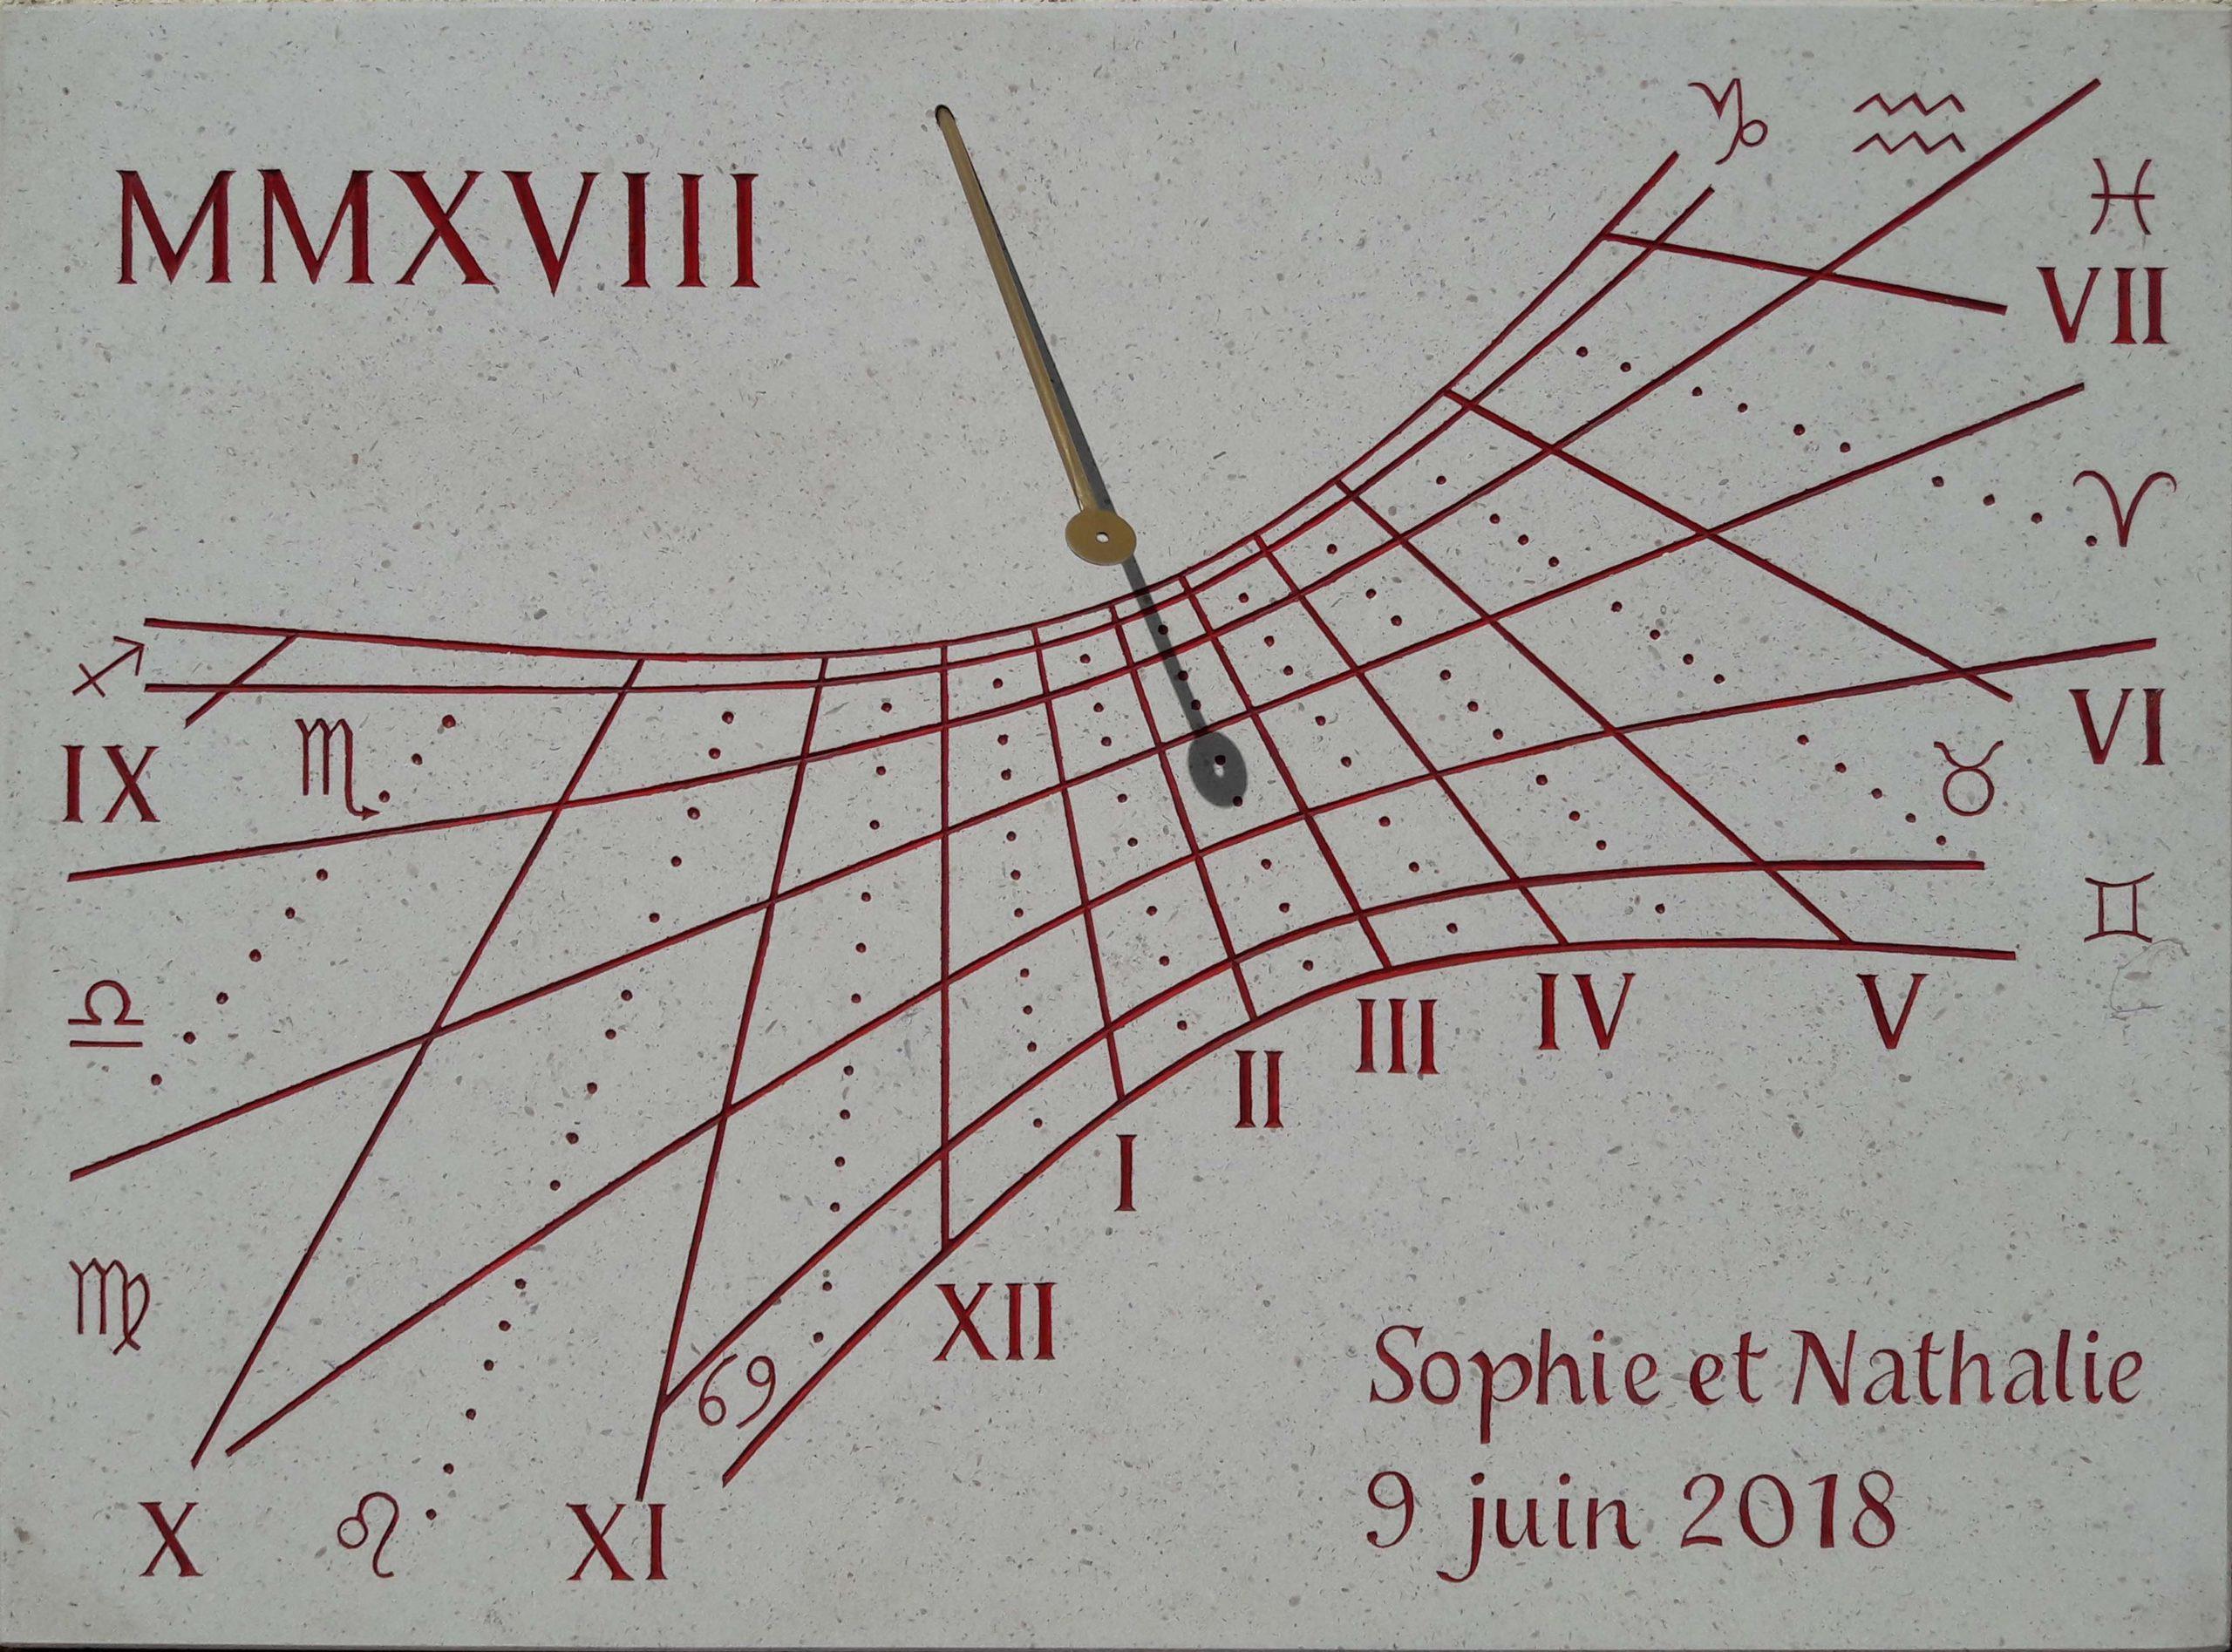 Cadran solaire en pierre de Bourgogne, peinture rouge avec date. Chiffre romain, signe astrologique et équinoxe et solstice. Style avec œilleton. Dim 60x50cm